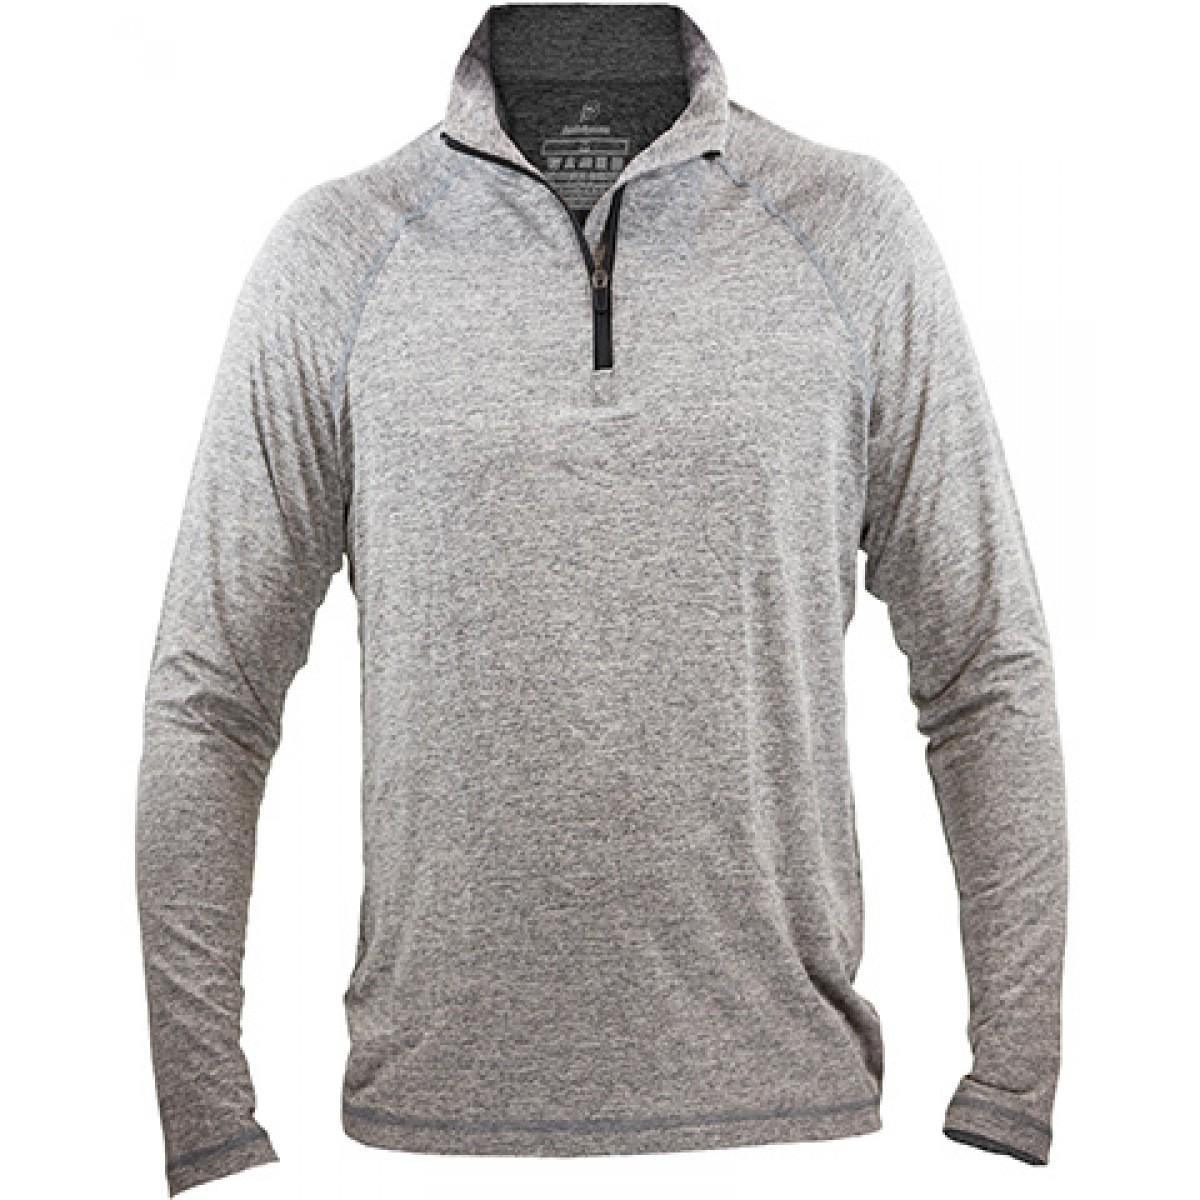 Fine Designs Blend 1/4-Zip Pullover